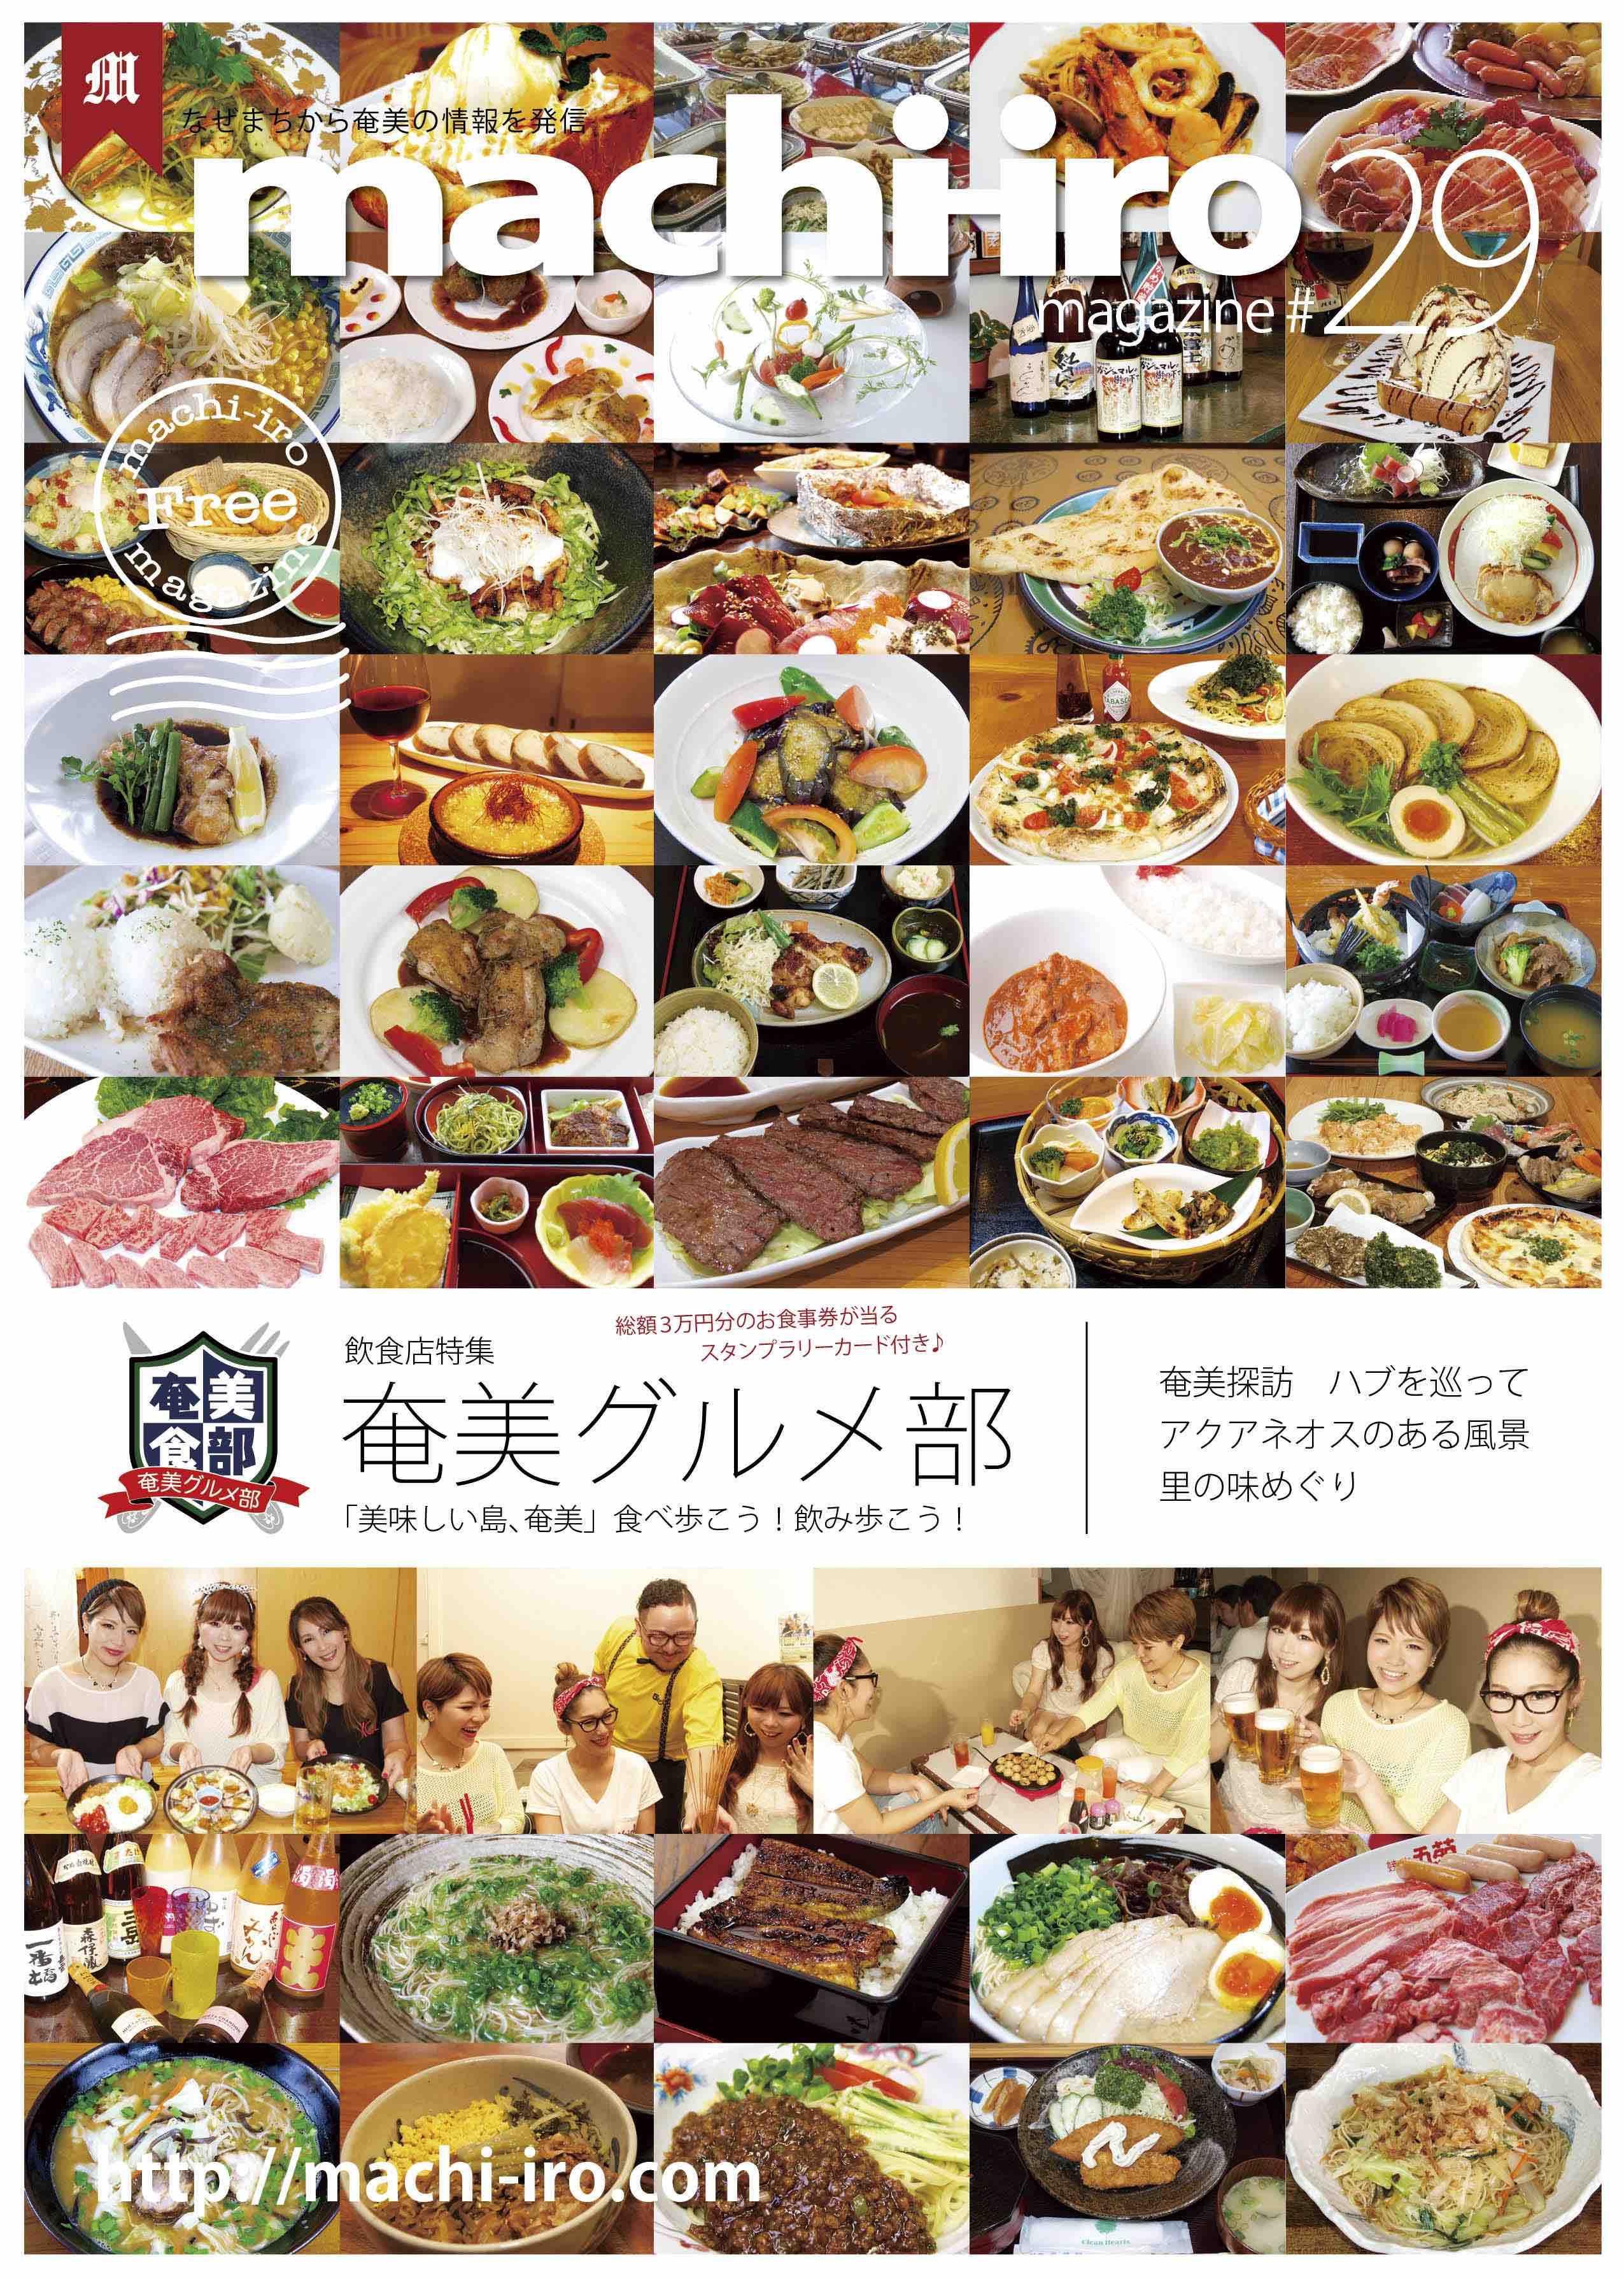 machi-iro magazine #29